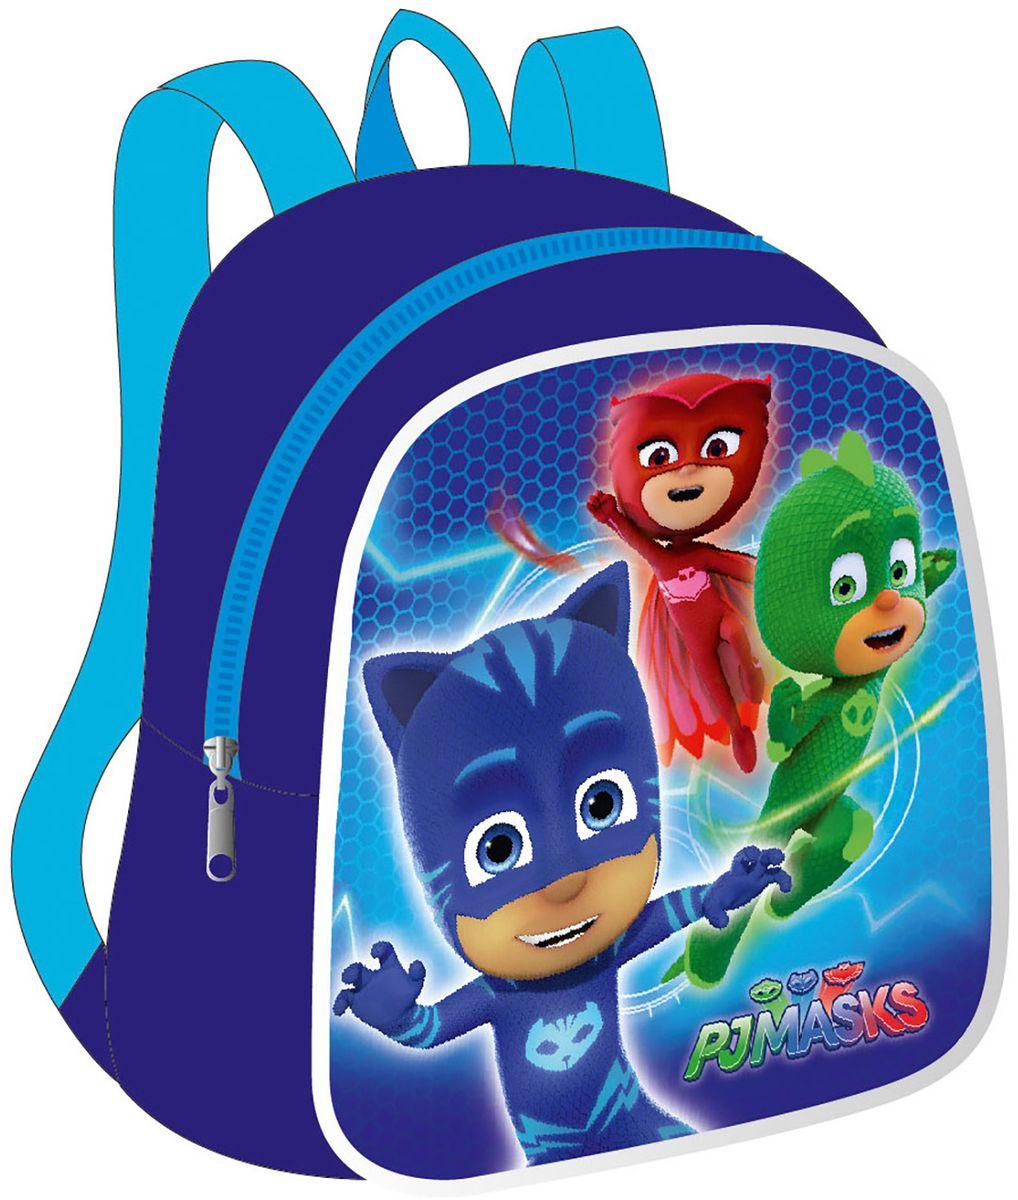 PJ Masks Рюкзак дошкольный 3274732747Легкий и компактный дошкольный рюкзак PJ Masks - это красивый и удобный аксессуар для вашего ребенка. В его внутреннем отделении на молнии легко поместятся не только игрушки, но даже тетрадка или книжка формата А5. Благодаря регулируемым лямкам рюкзачок подходит детям любого роста. Удобная ручка помогает носить аксессуар в руке или размещать на вешалке. Износостойкий материал с водонепроницаемой основой и подкладка обеспечивают изделию длительный срок службы и помогают держать вещи сухими в дождливую погоду. Аксессуар декорирован ярким принтом (сублимированной печатью), устойчивым к истиранию и выгоранию на солнце.